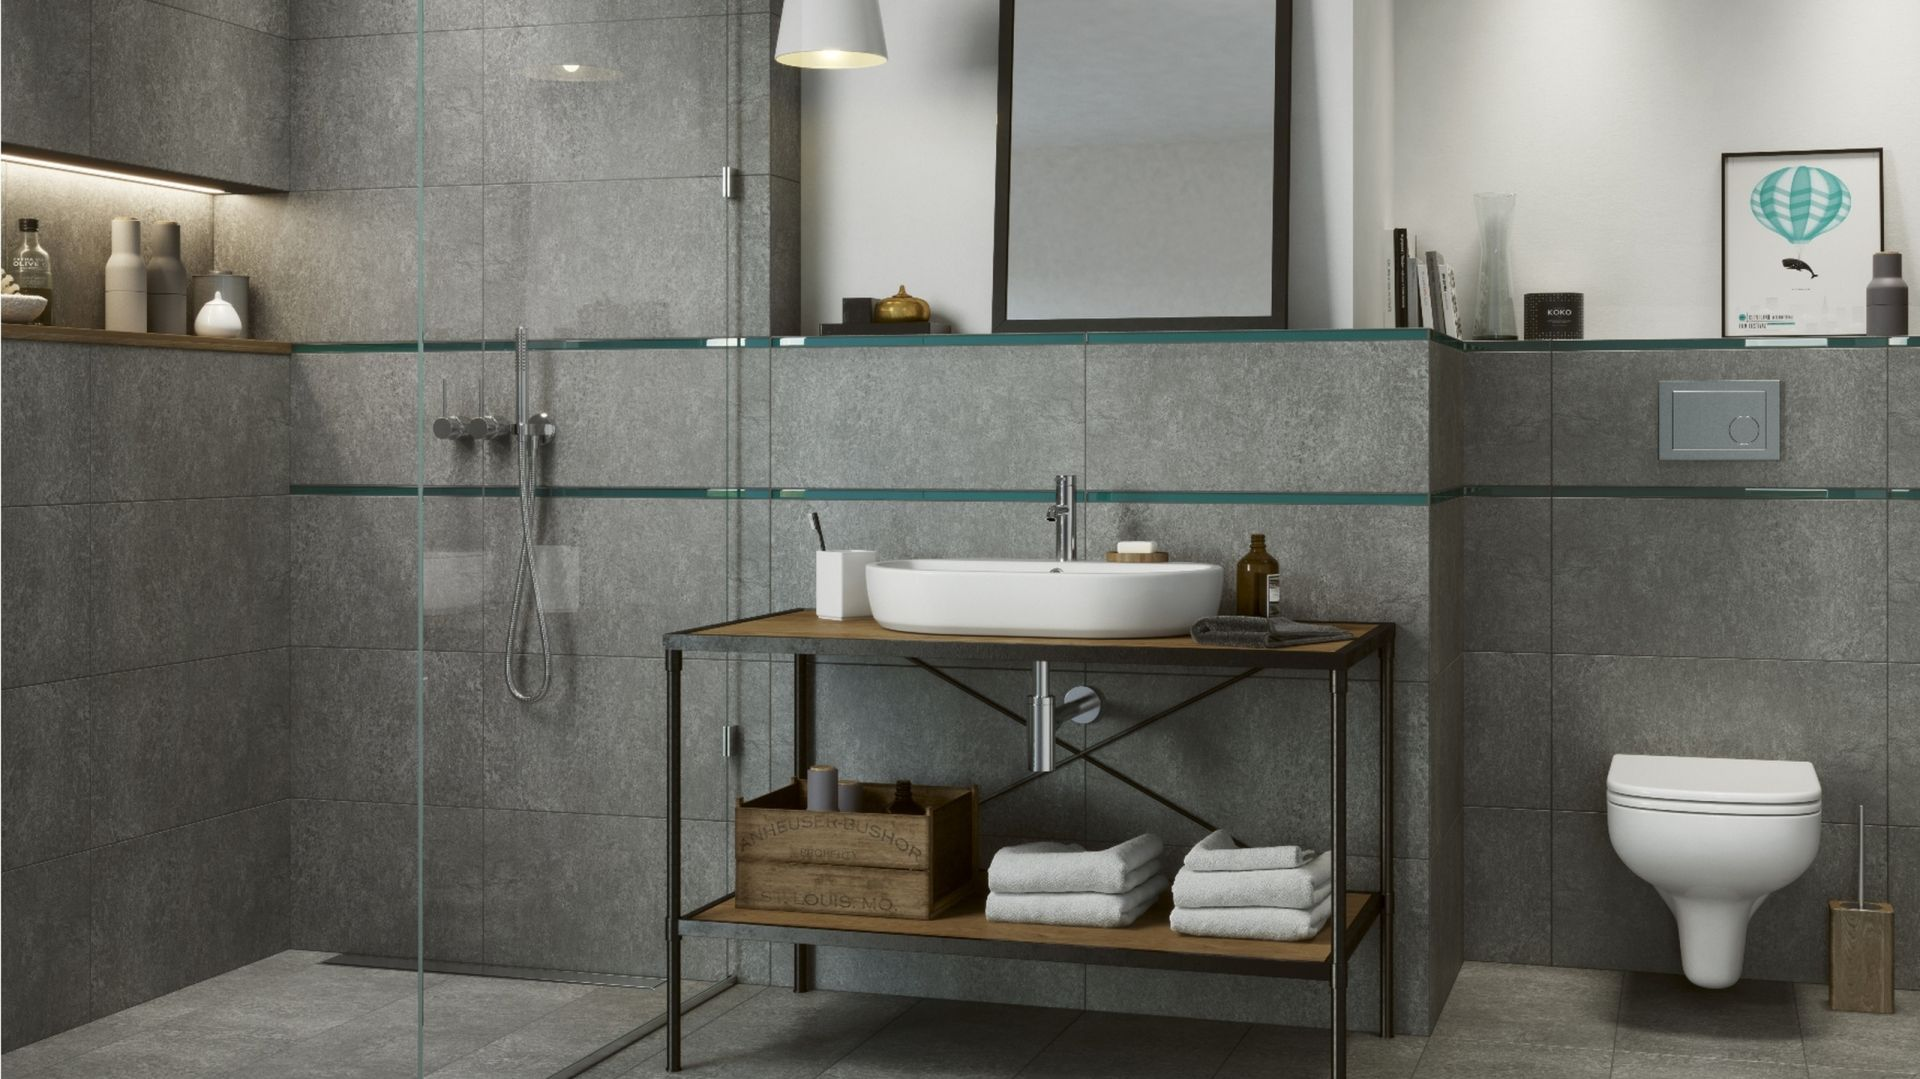 Minimalistyczna łazienka przykuwa uwagę dzięki płytkom przypominającym beton. Na zdjęciu: seria Monti marki Cersanit. Fot. Cersanit